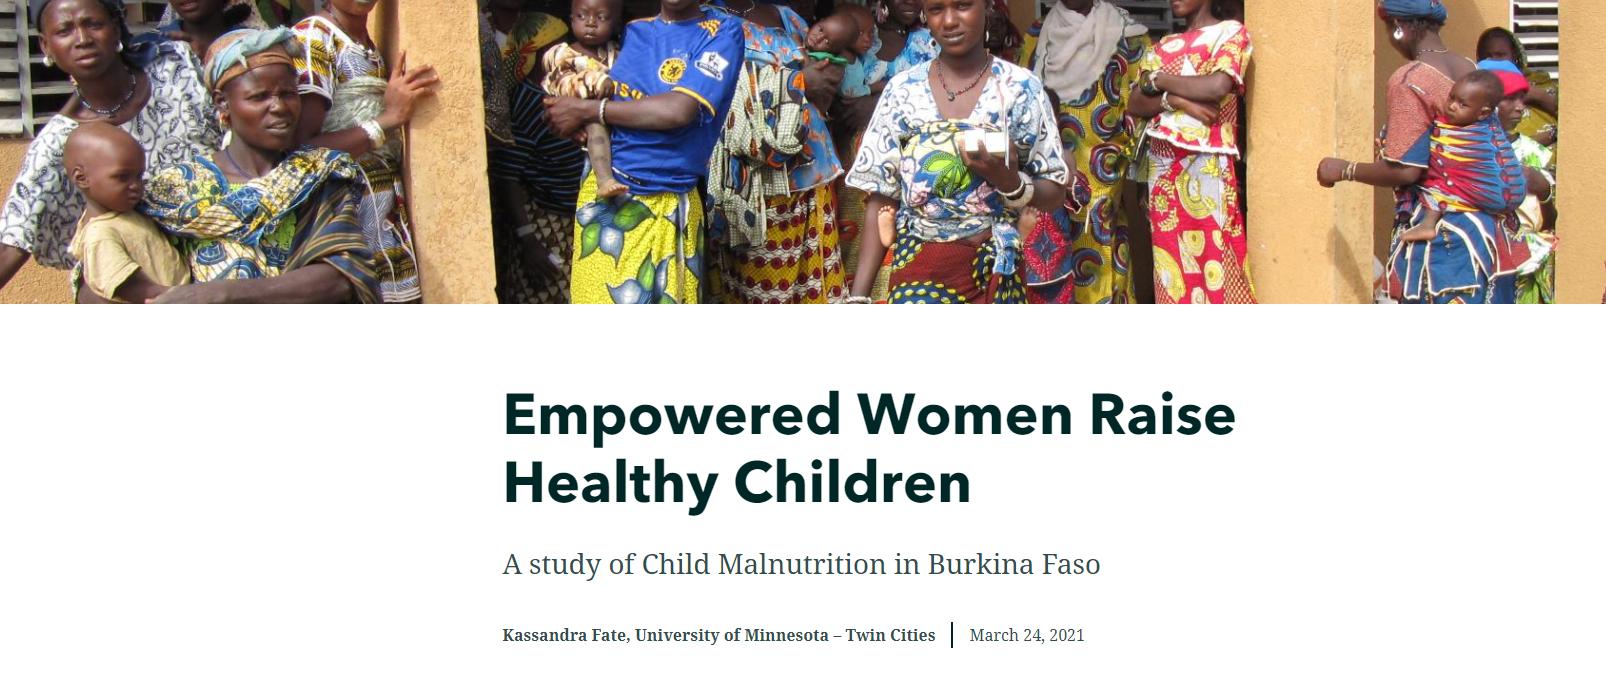 Empowered Women Raise Healthy Children